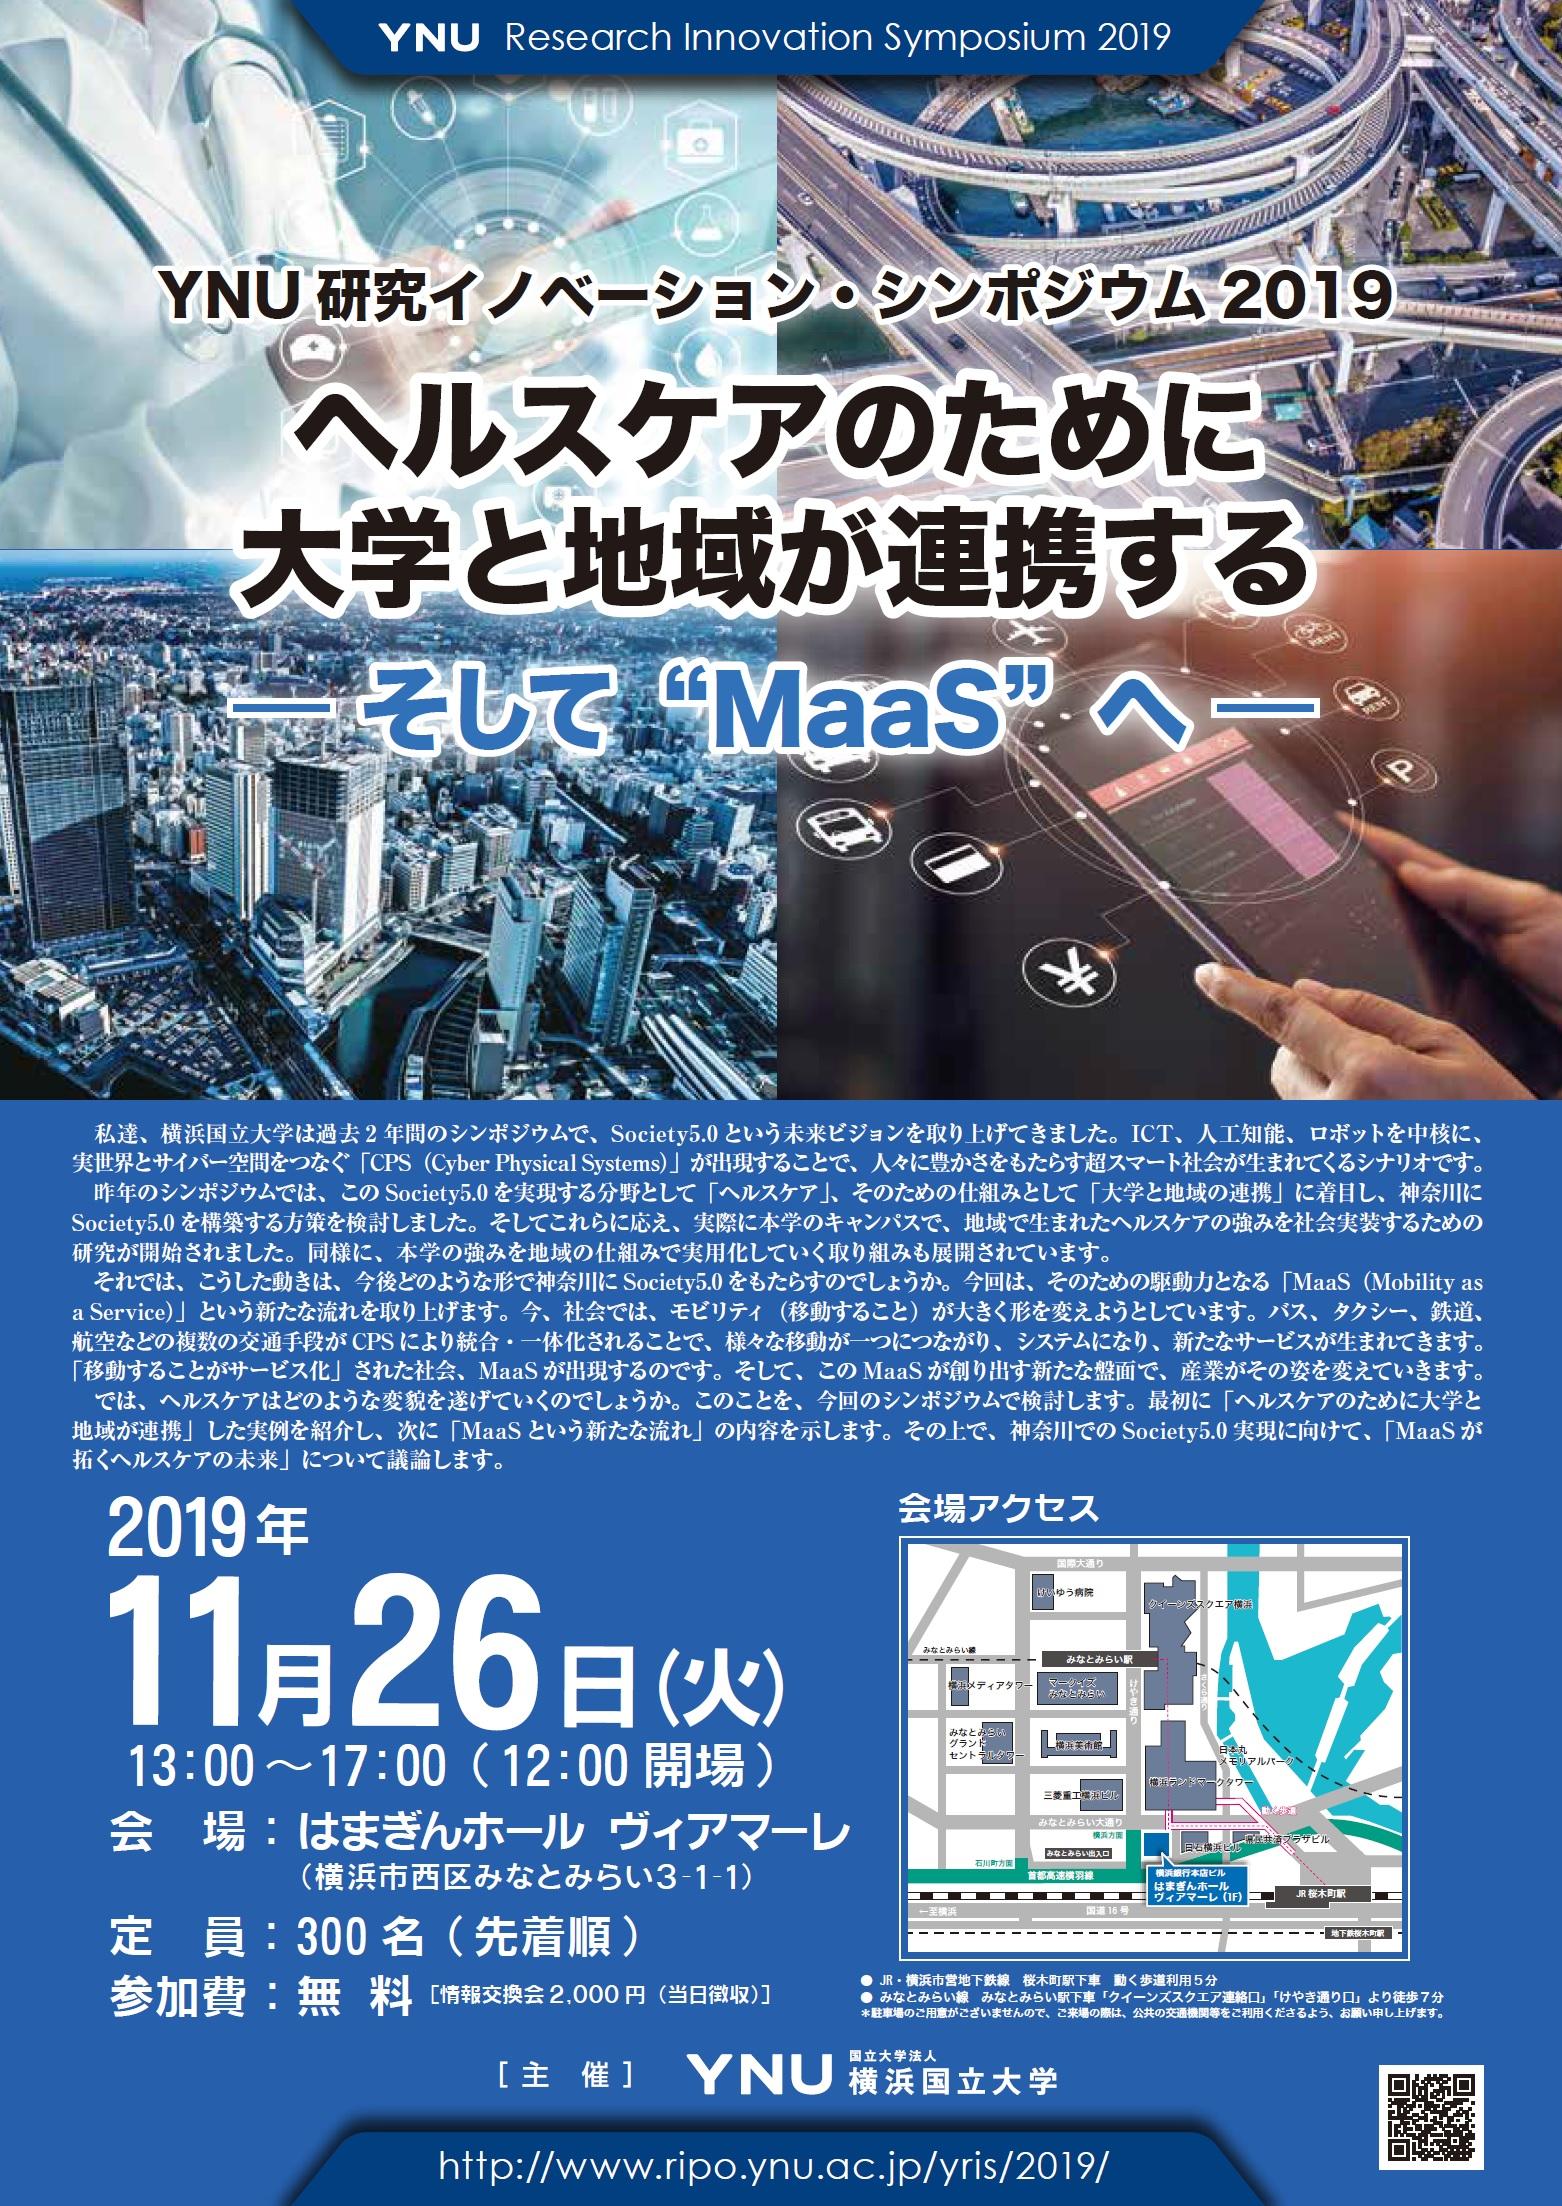 YNU研究イノベーション・シンポジウム2019フライヤー